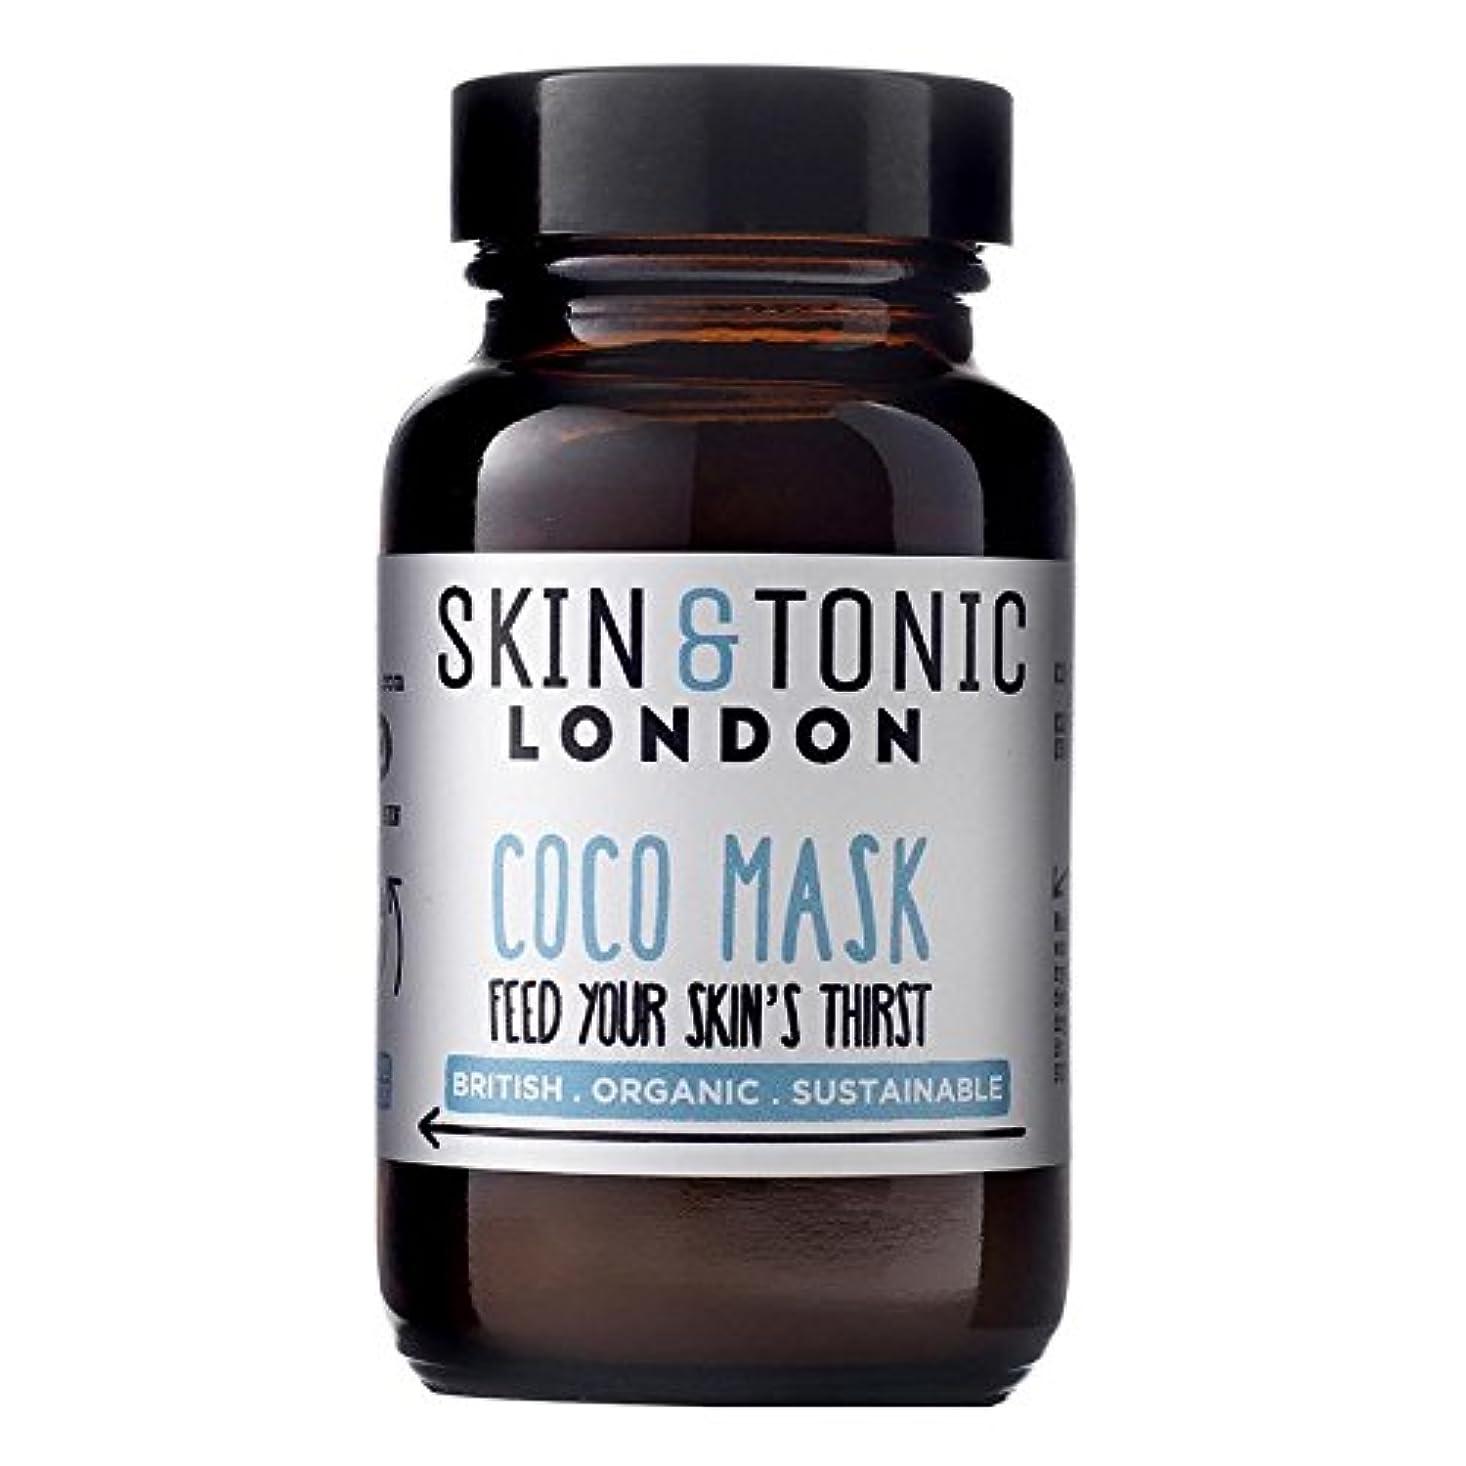 神社謝罪スキニースキン&トニックロンドンココマスク50グラム x4 - Skin & Tonic London Coco Mask 50g (Pack of 4) [並行輸入品]